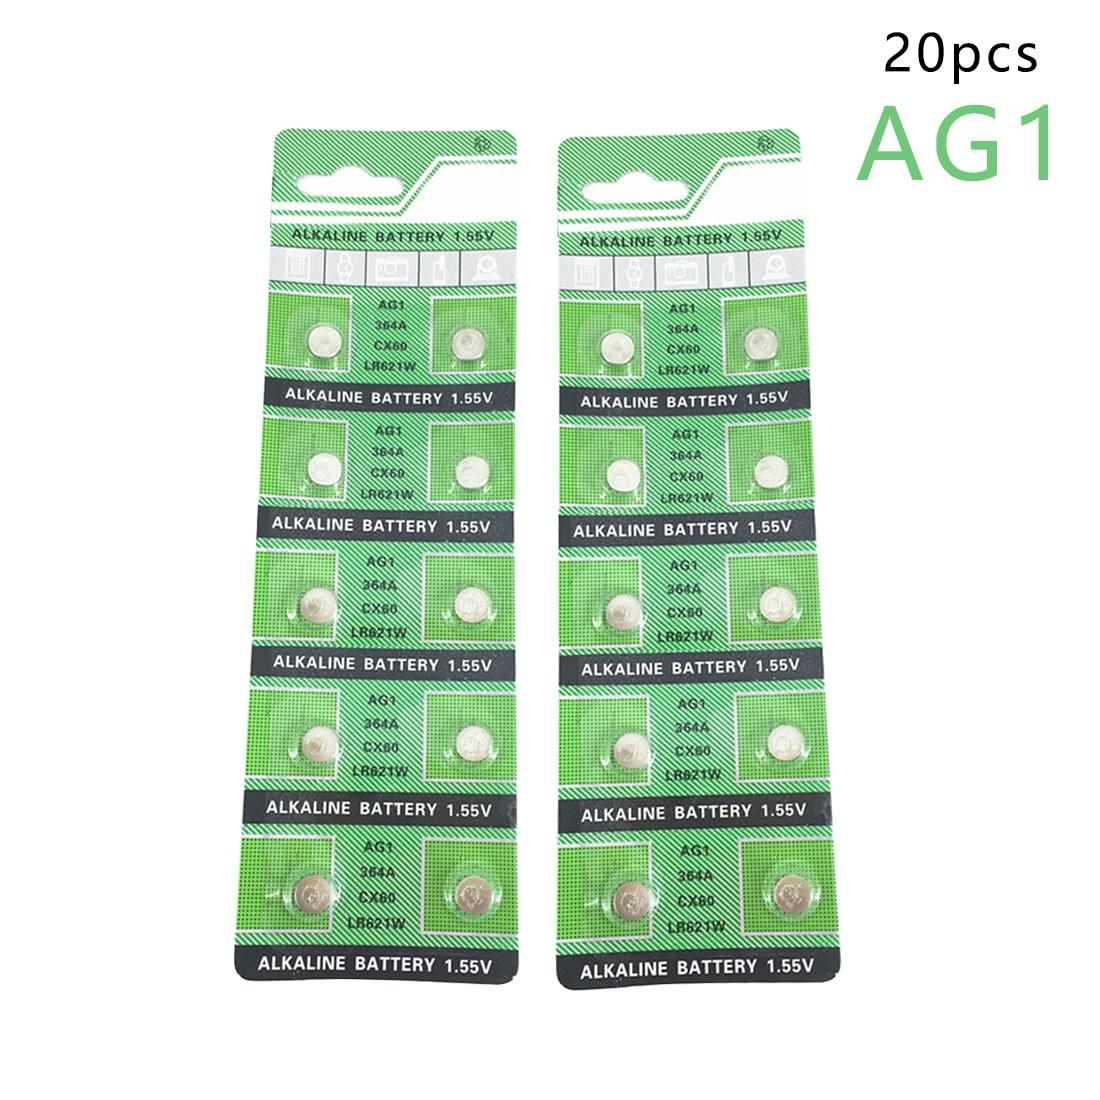 Centechia 20 sztuk przycisk baterii AG1 364 SR621 SR60 SR60L alkaliczna guzikowa komórek baterie guzikowe na zegarek x10 1.55V EE6202